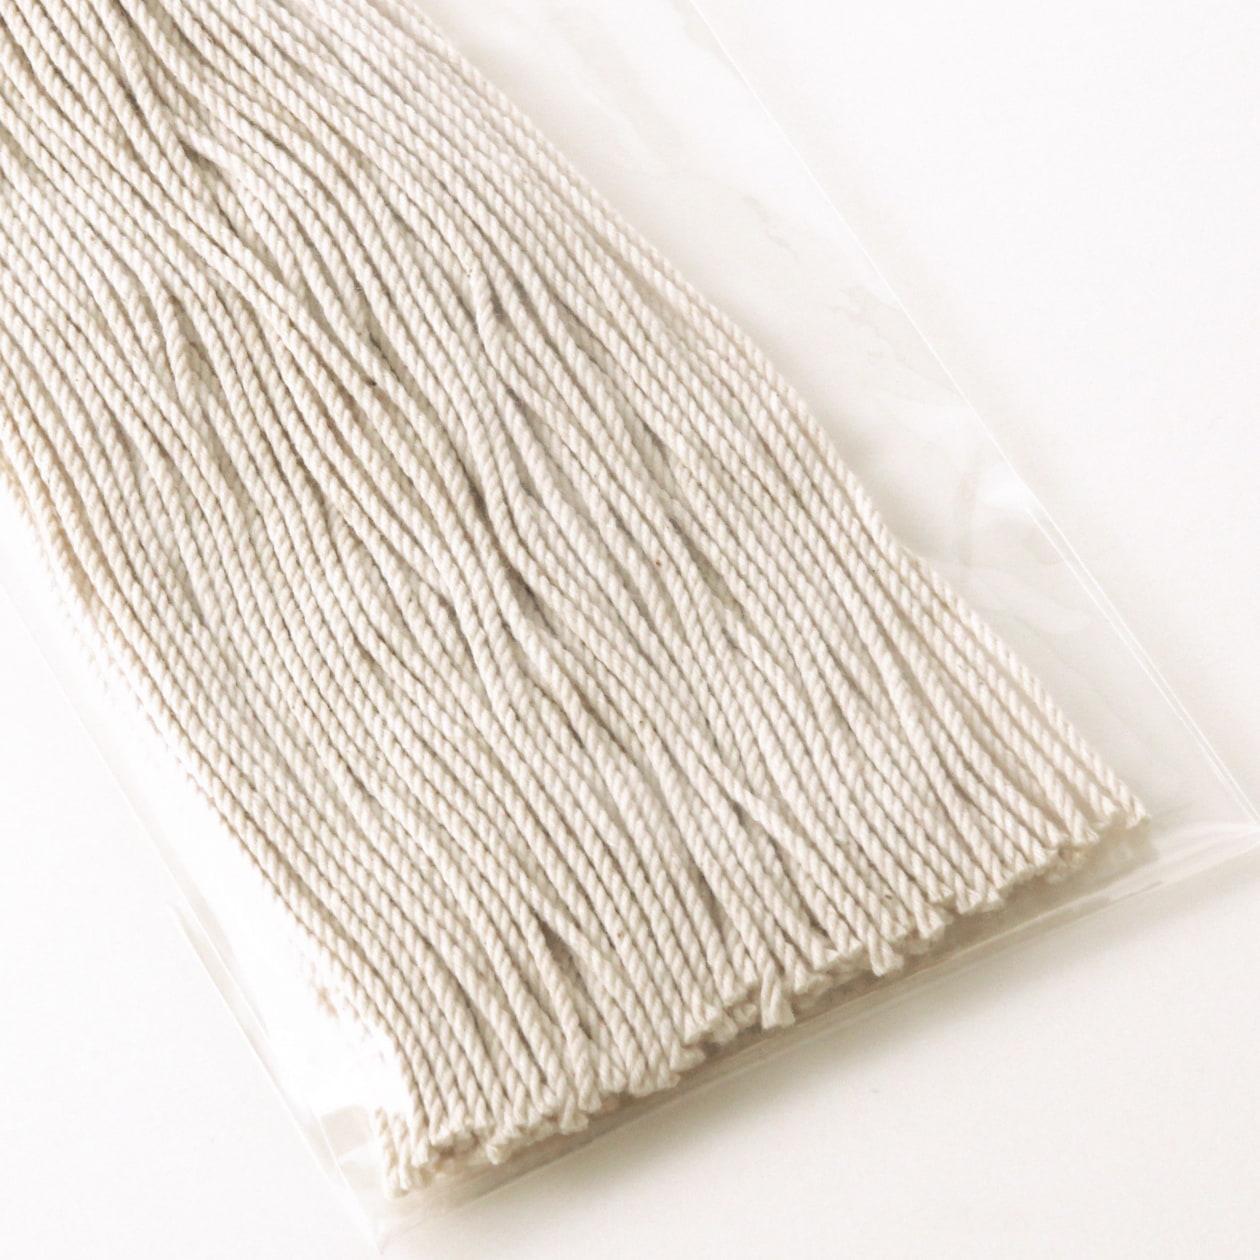 タグ紐 (太)コットン生成30cm 1パック/約100本入